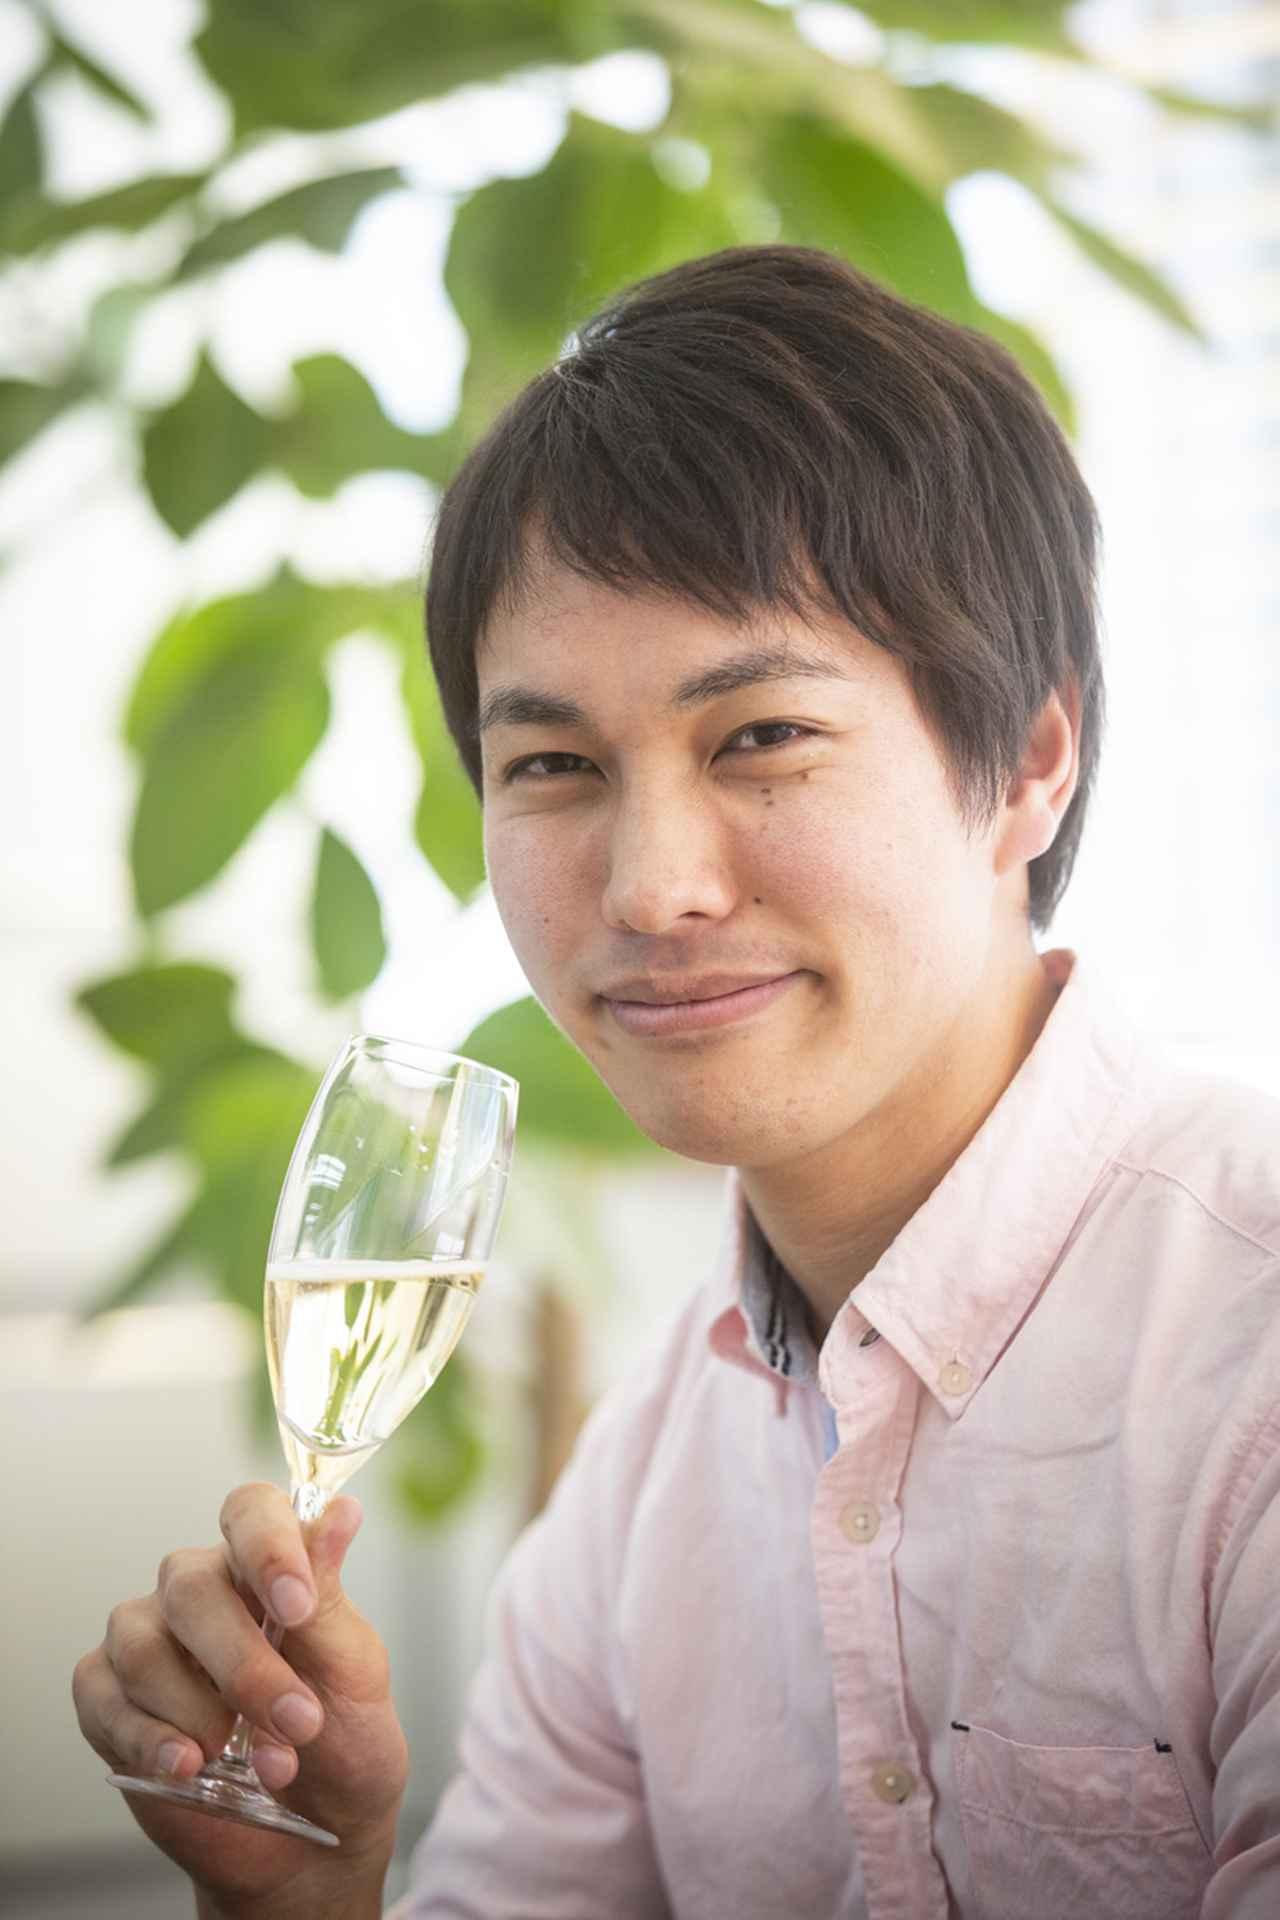 画像: 河内 彪 Kakeru KAWAUCHI 資生堂パーラー「FARO」ソムリエ。幼い頃に見たカクテル本に興味を持ち、料飲の道を志す。ニュージーランド、ホークス・ベイにてブドウ栽培、ワイン醸造を経験し、現地ホテルにてソムリエとして就労。「なだ万」、マンダリンオリエンタルホテル東京「Signature」、「Maison de MINAMI」ソムリエを経て現職